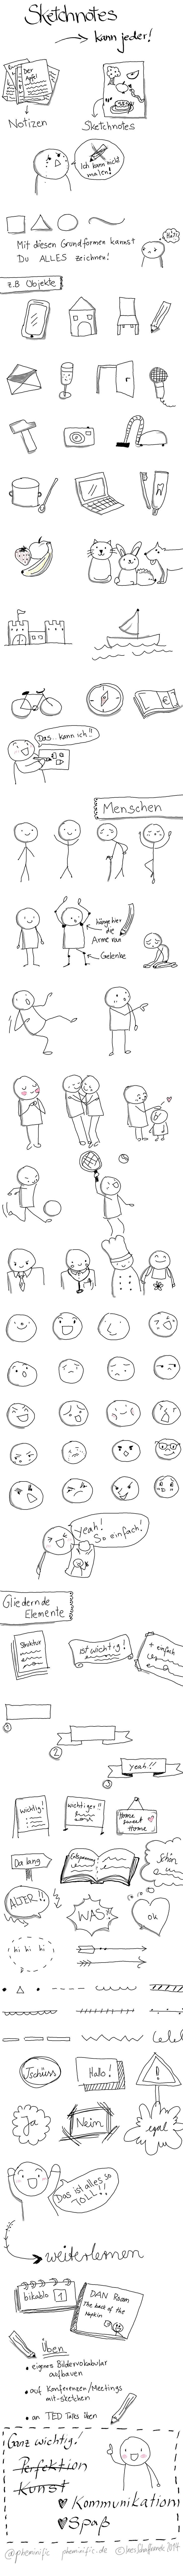 Sketchnotes lernen leicht gemacht - eine Bilderanleitung